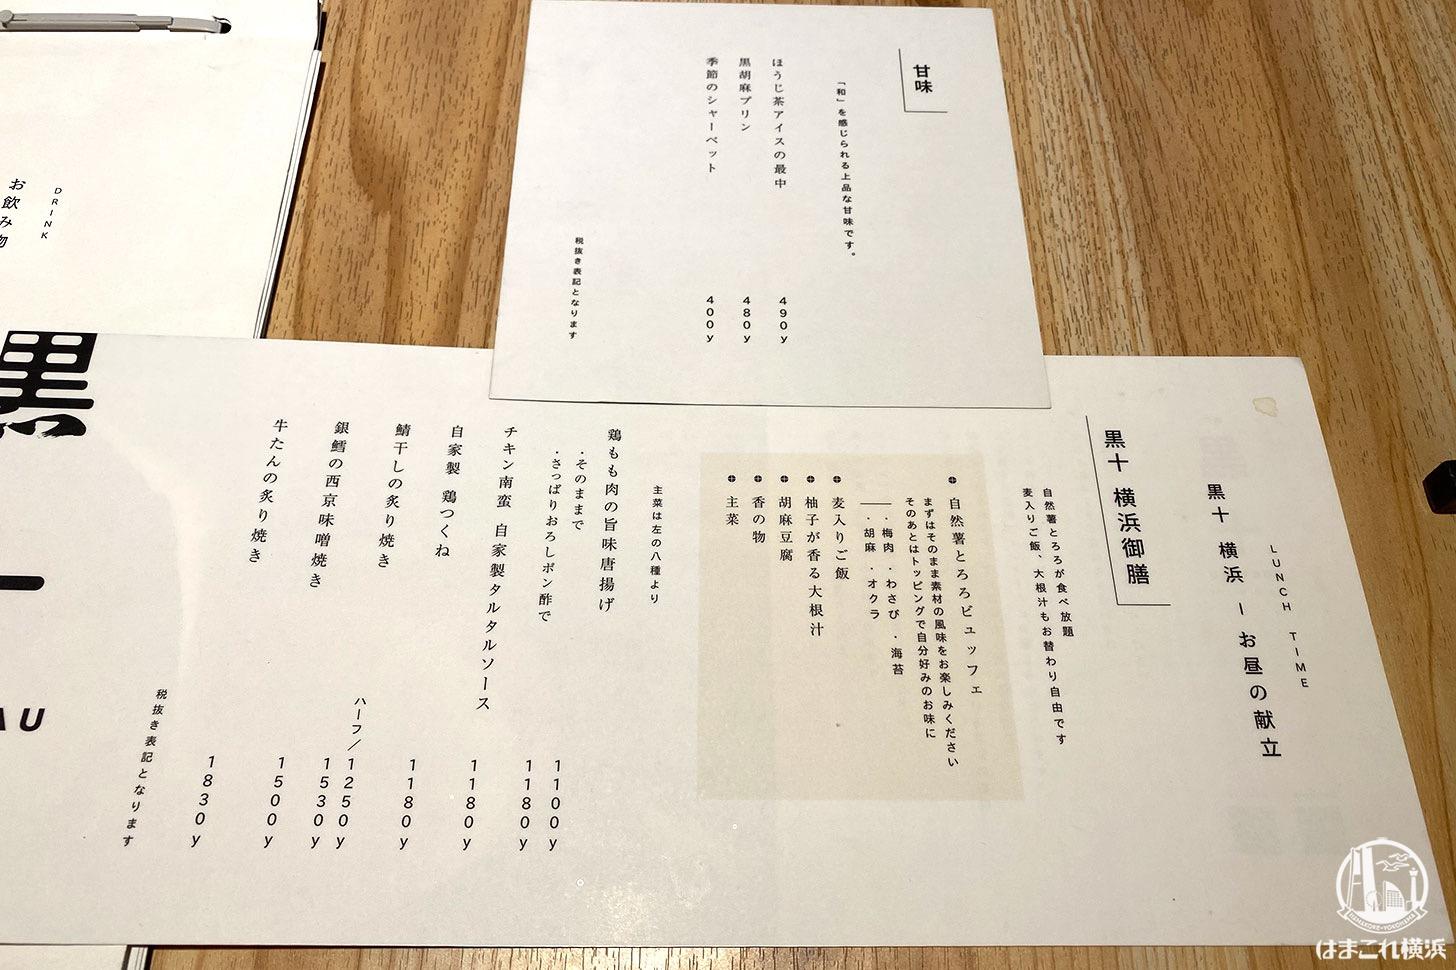 黒十(こくとう)横浜 ランチメニュー